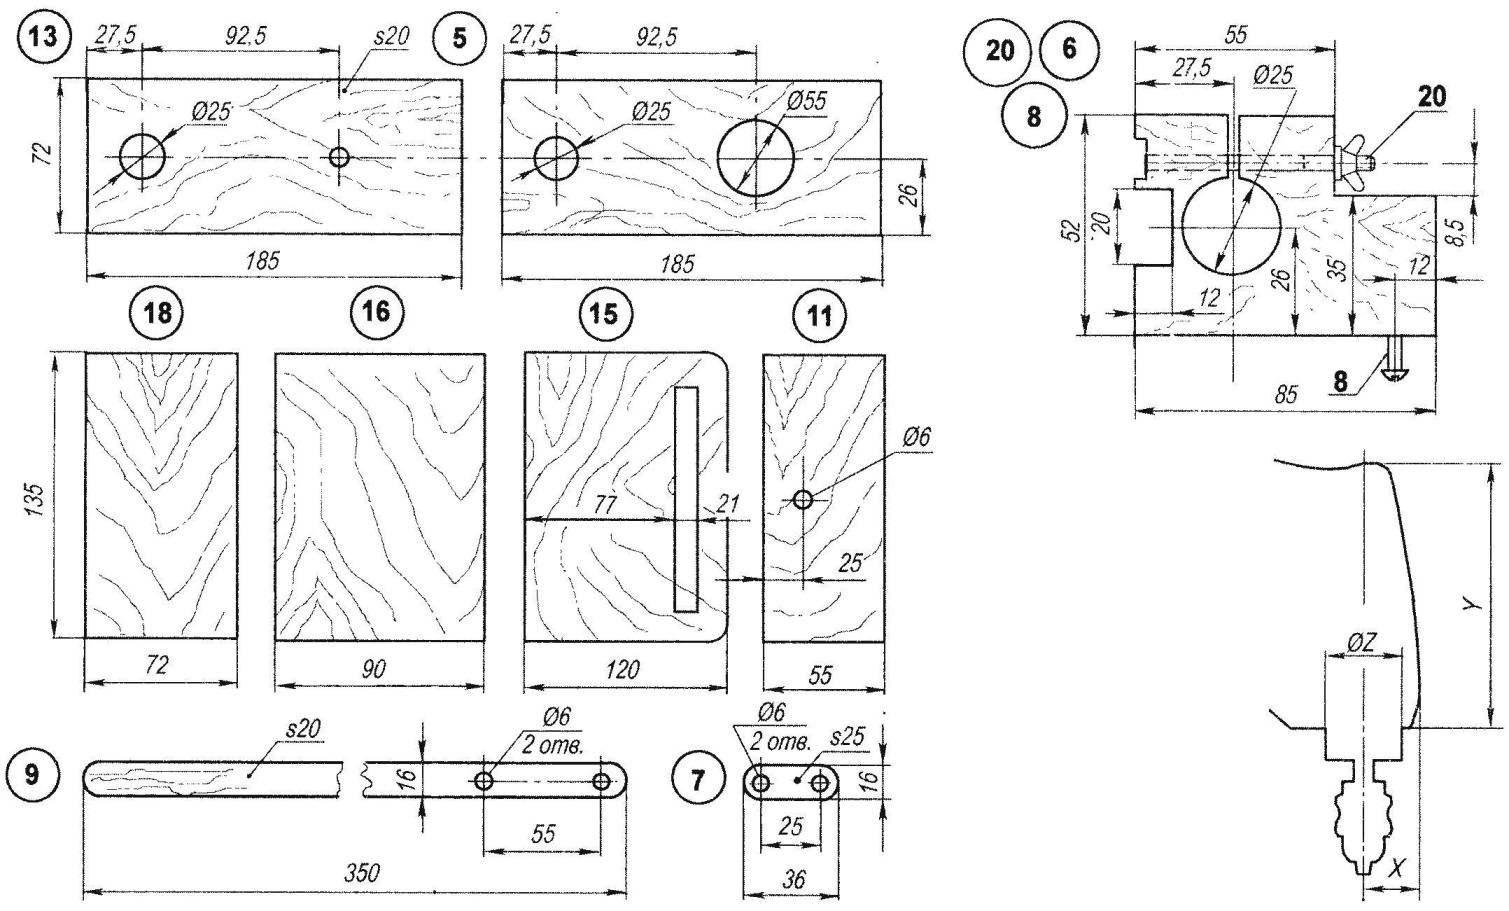 Параметры дрели, от которых зависят возможные изменения соответствующих размеров на схеме станка